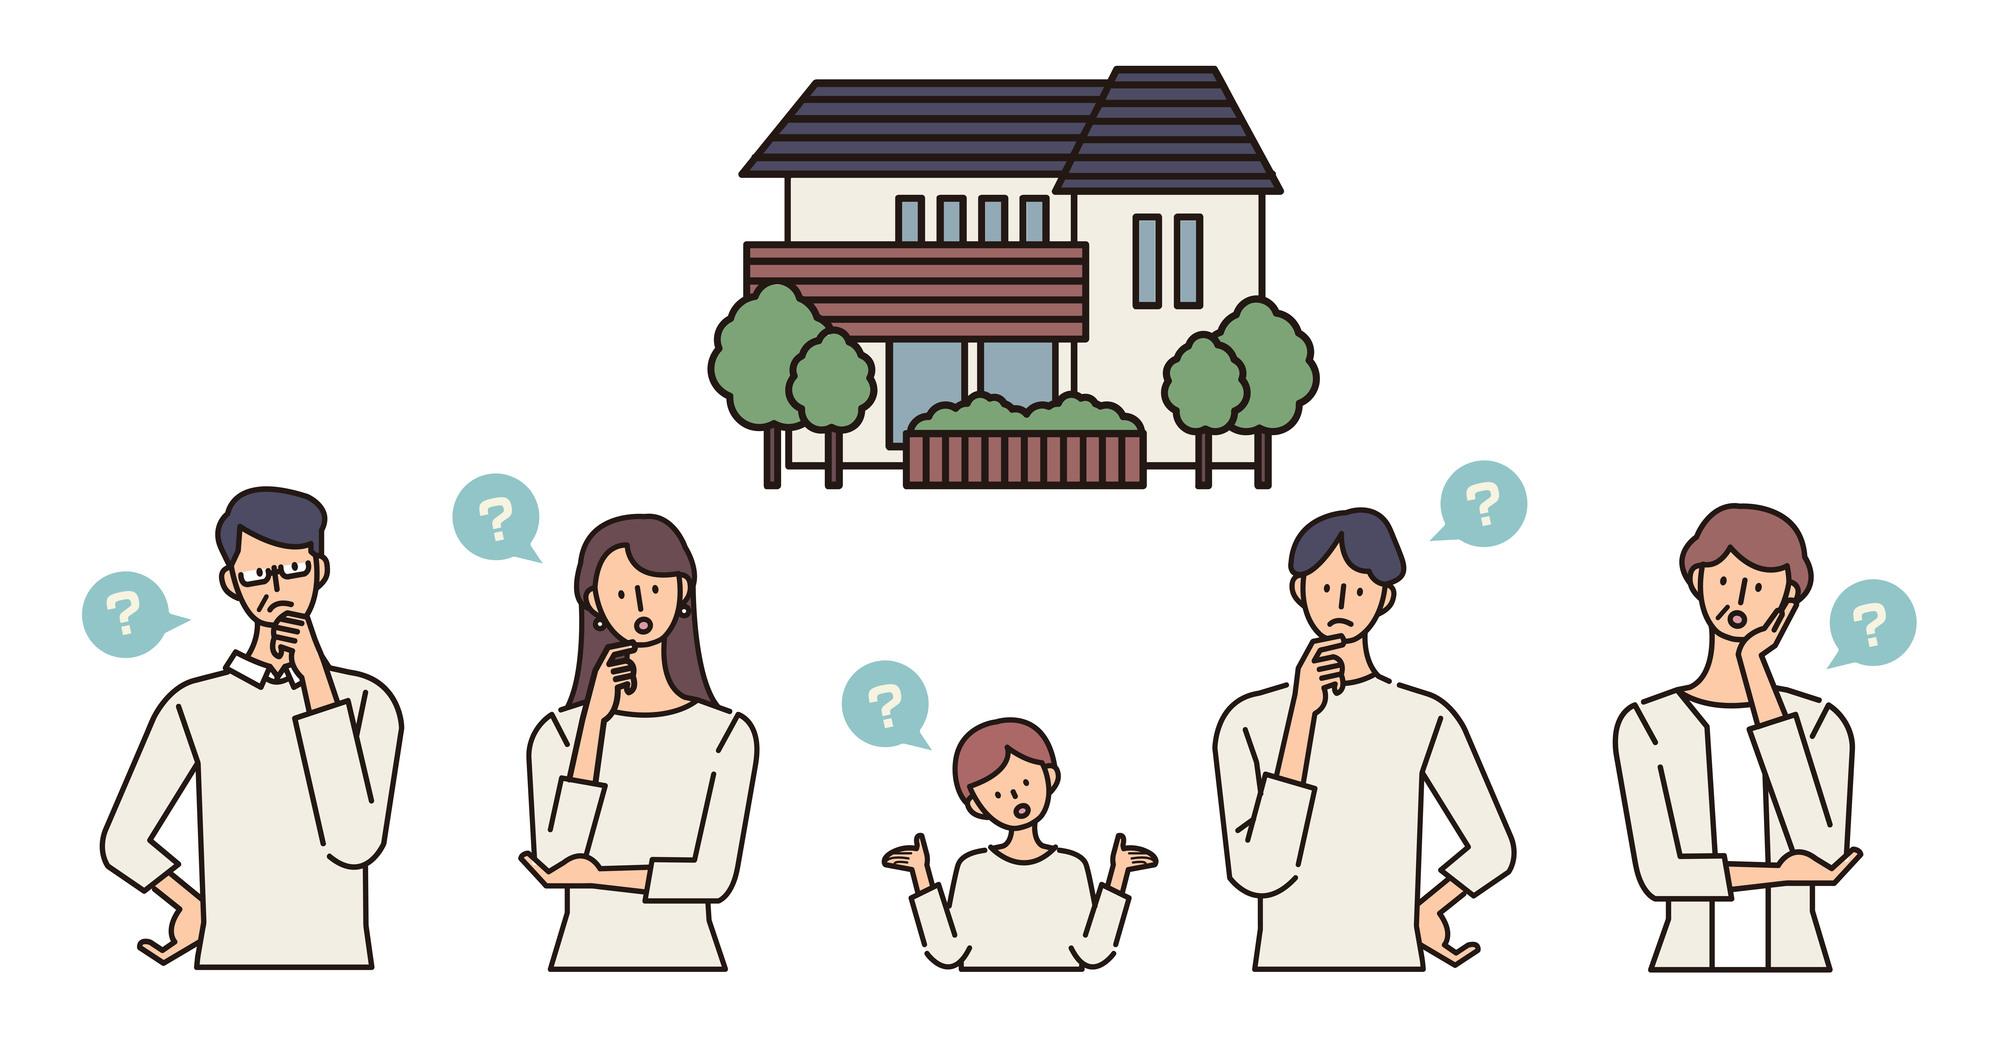 二世帯住宅のメリットとデメリットを解説